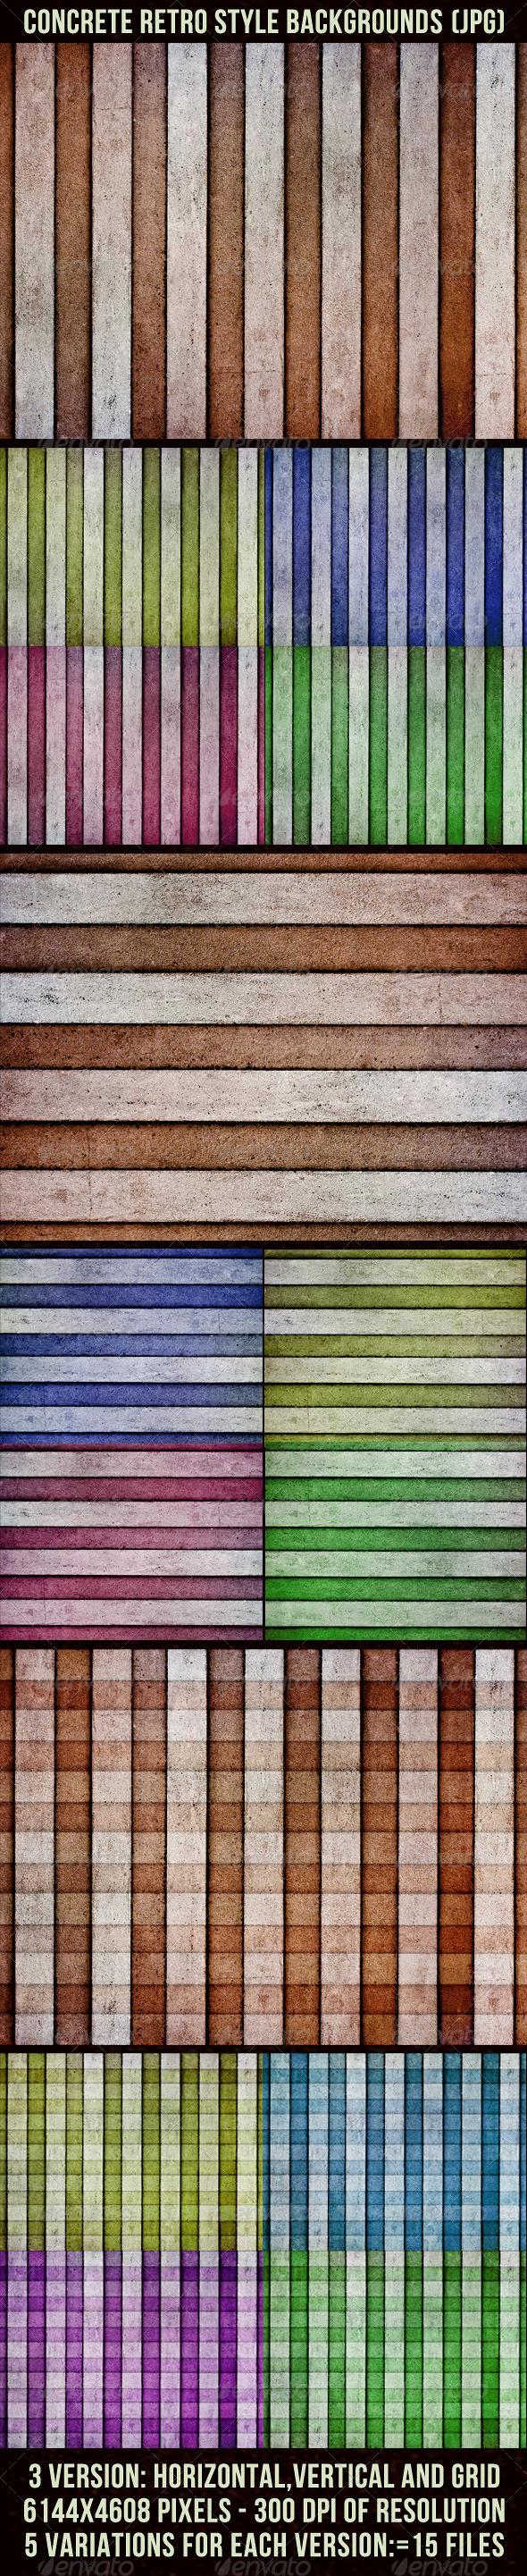 Concrete Retro Backgrounds - Patterns Backgrounds